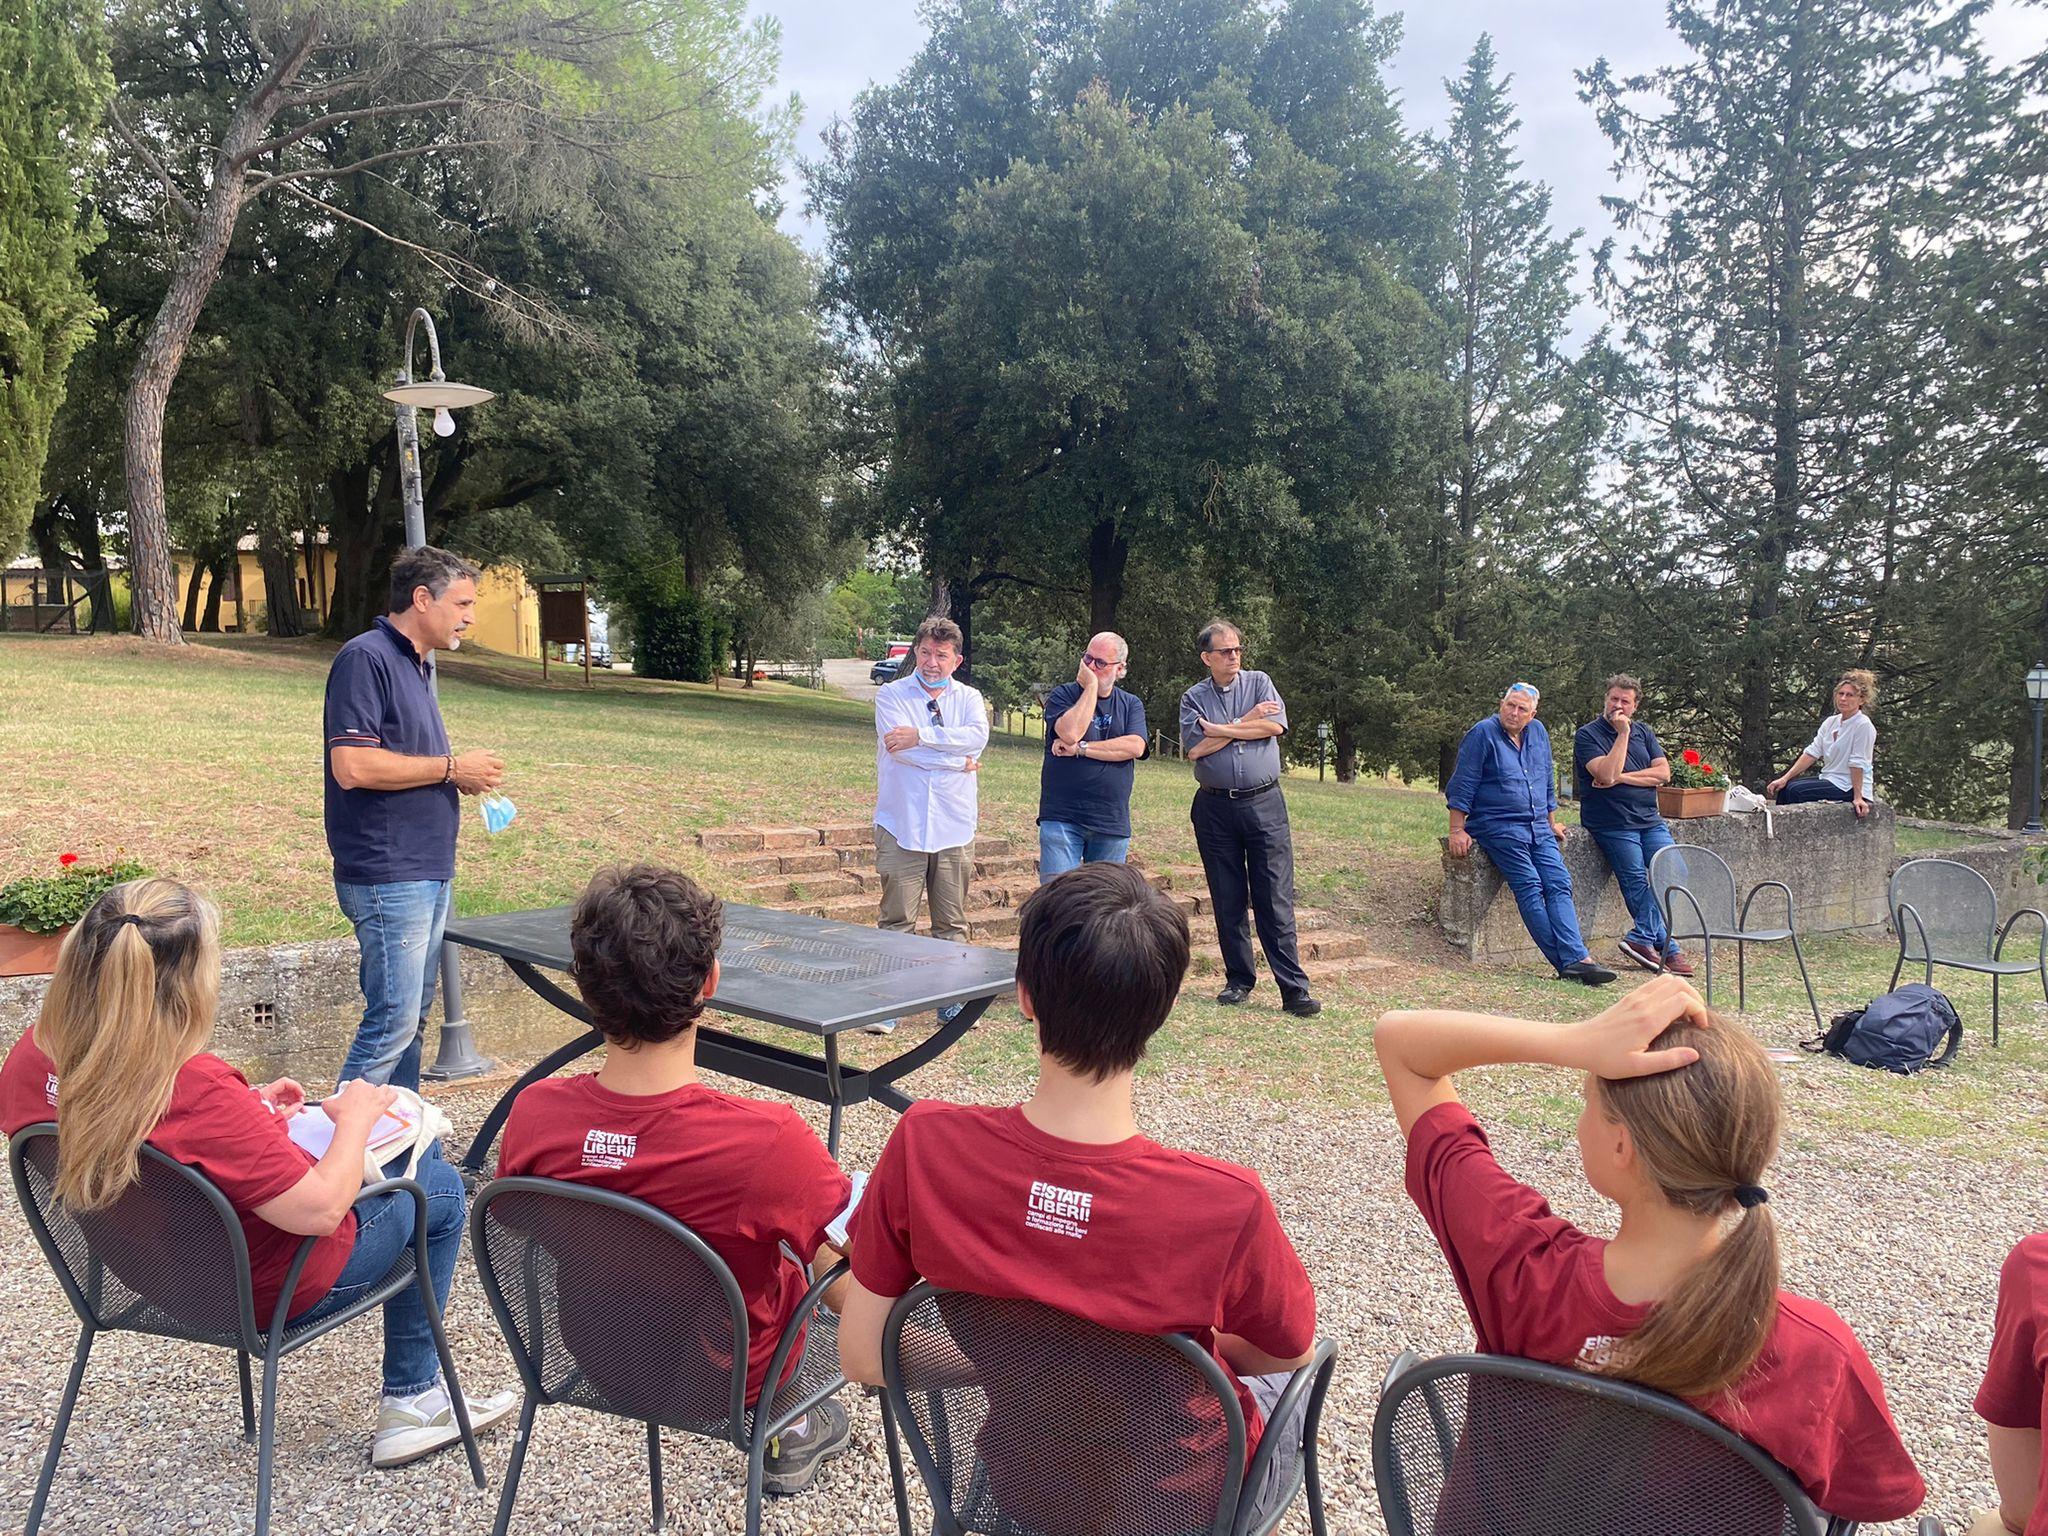 Gevisa suspende campeonato amador de futebol em Campina